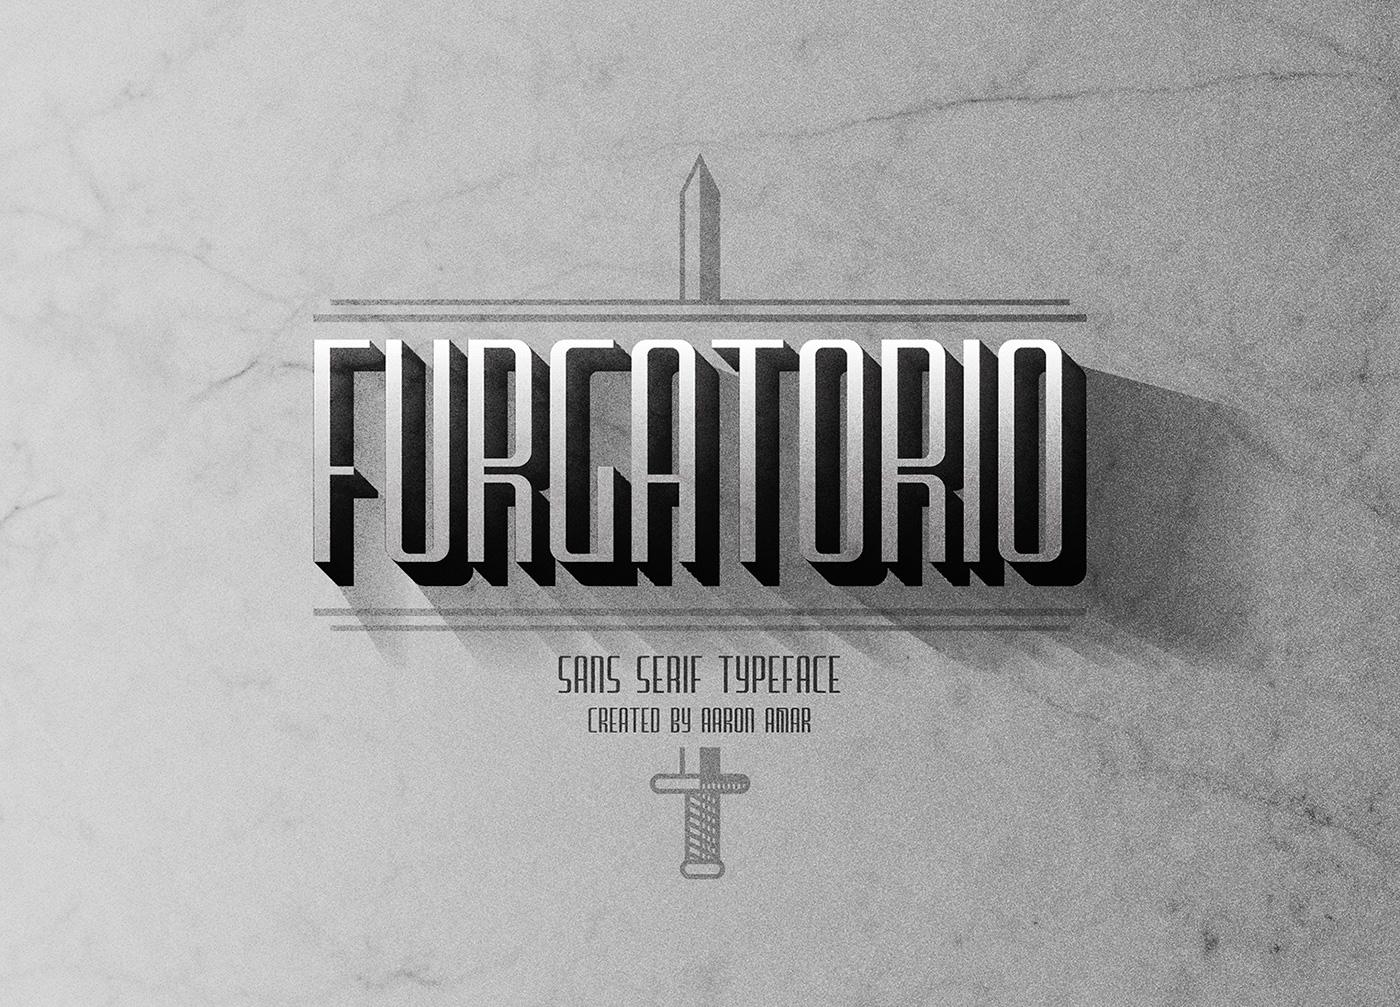 furgatorio-sans